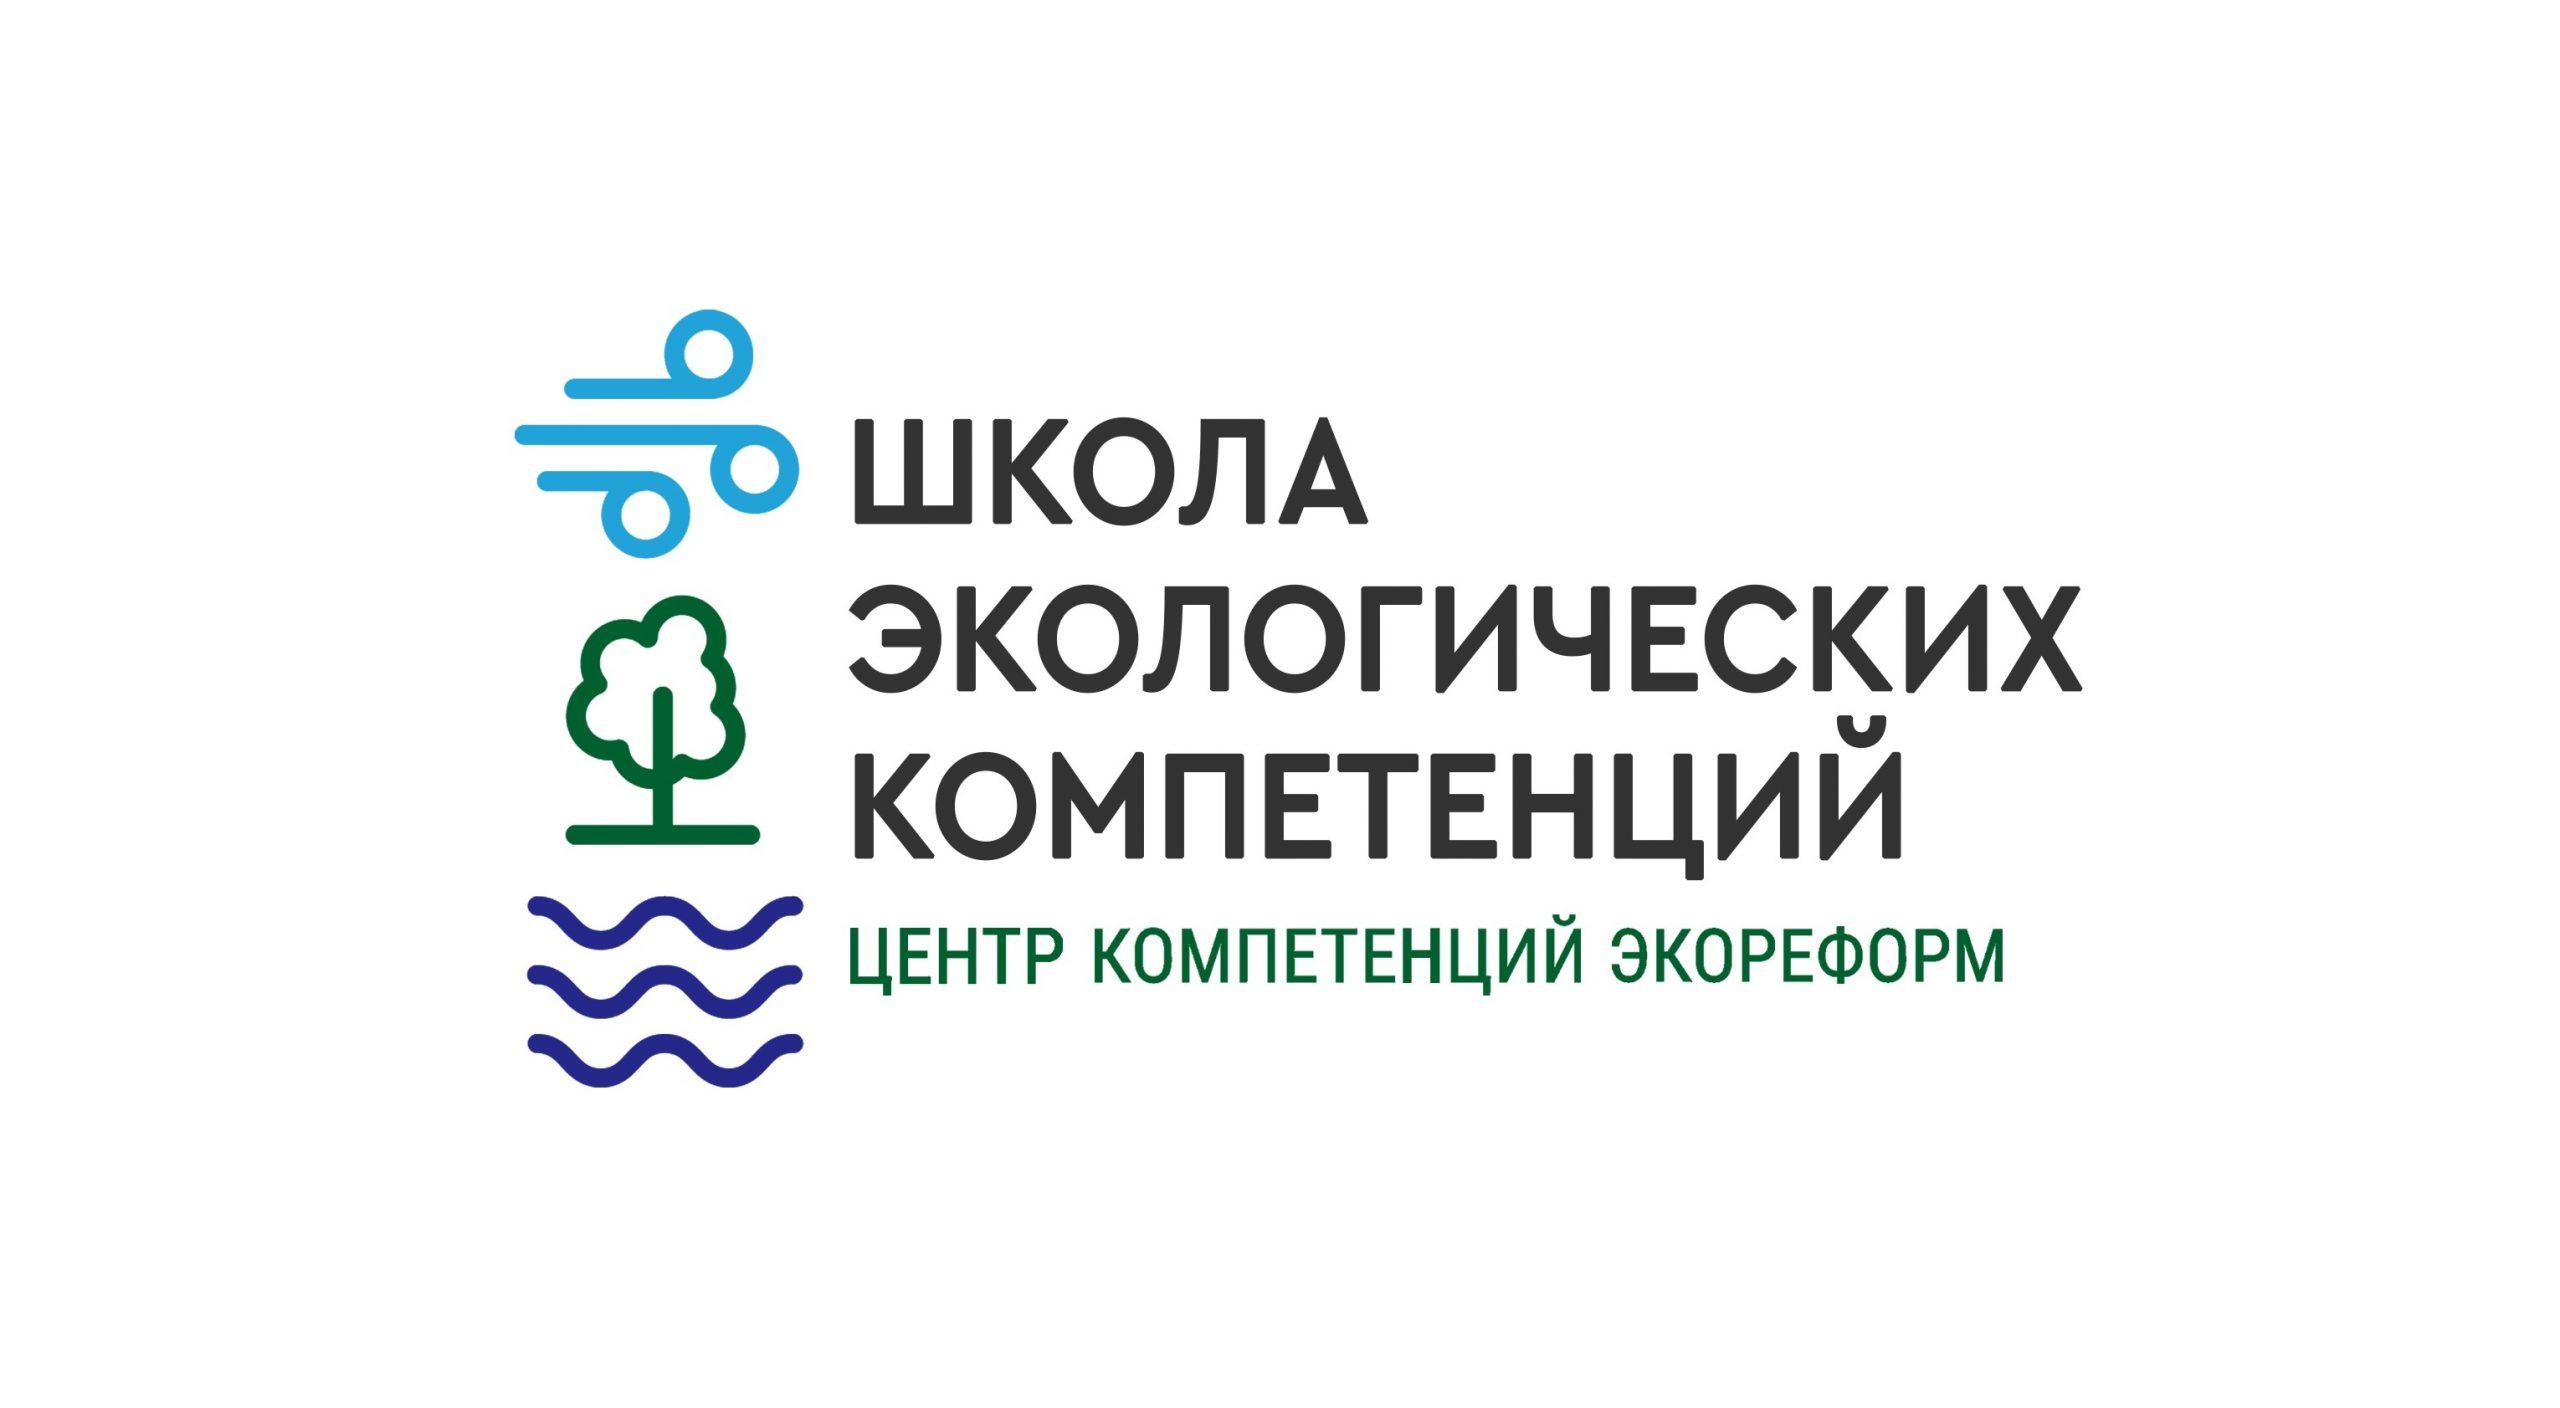 Школа экологических компетенций